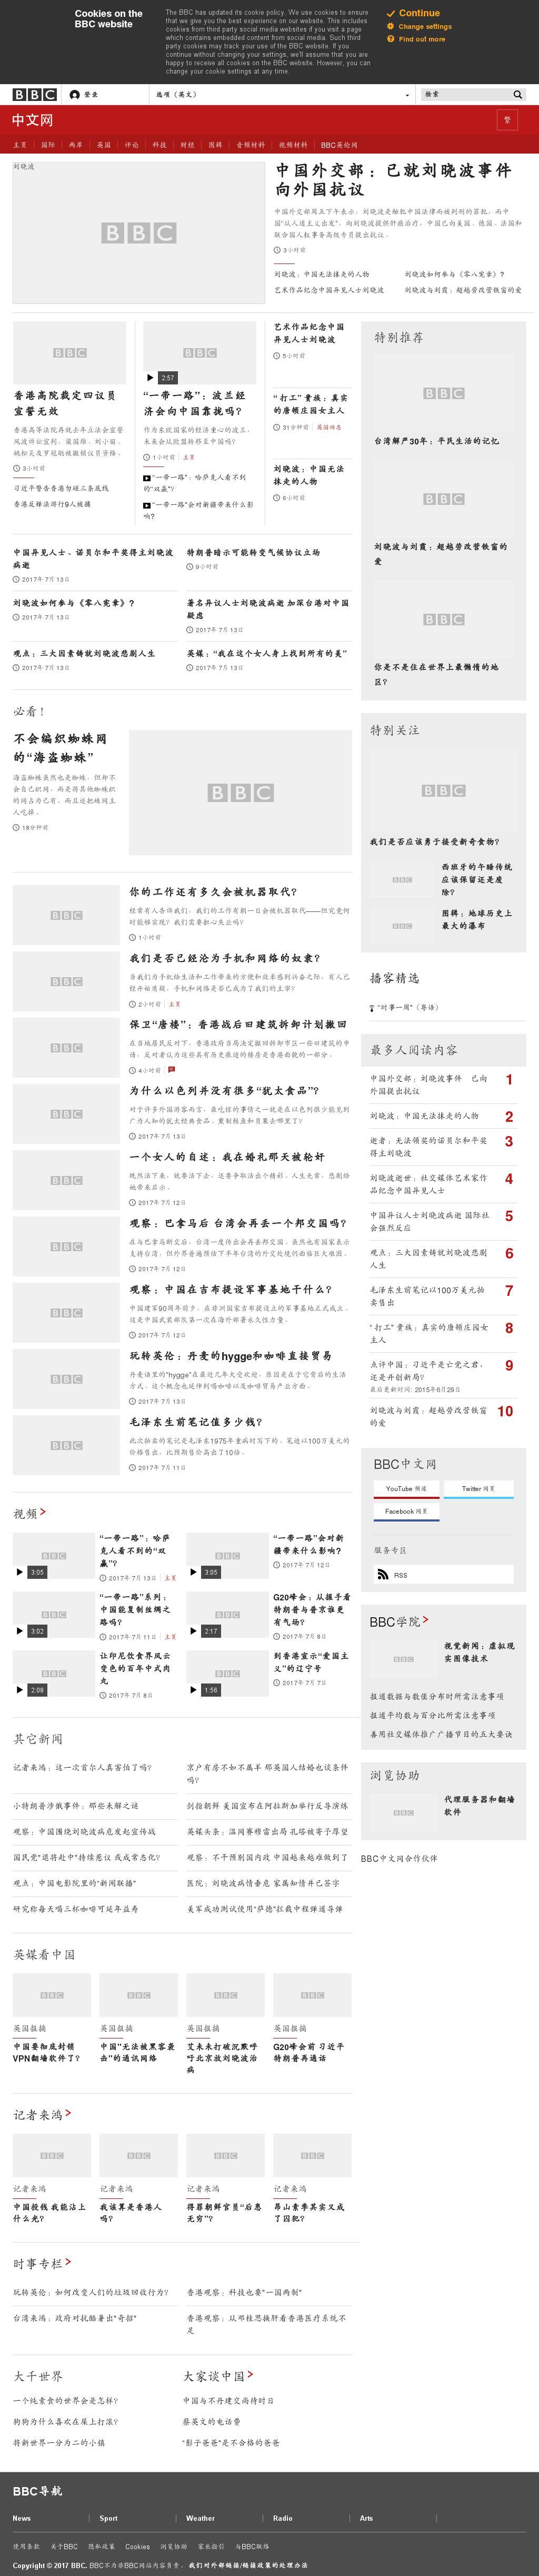 BBC (Chinese) at Friday July 14, 2017, 12:01 p.m. UTC